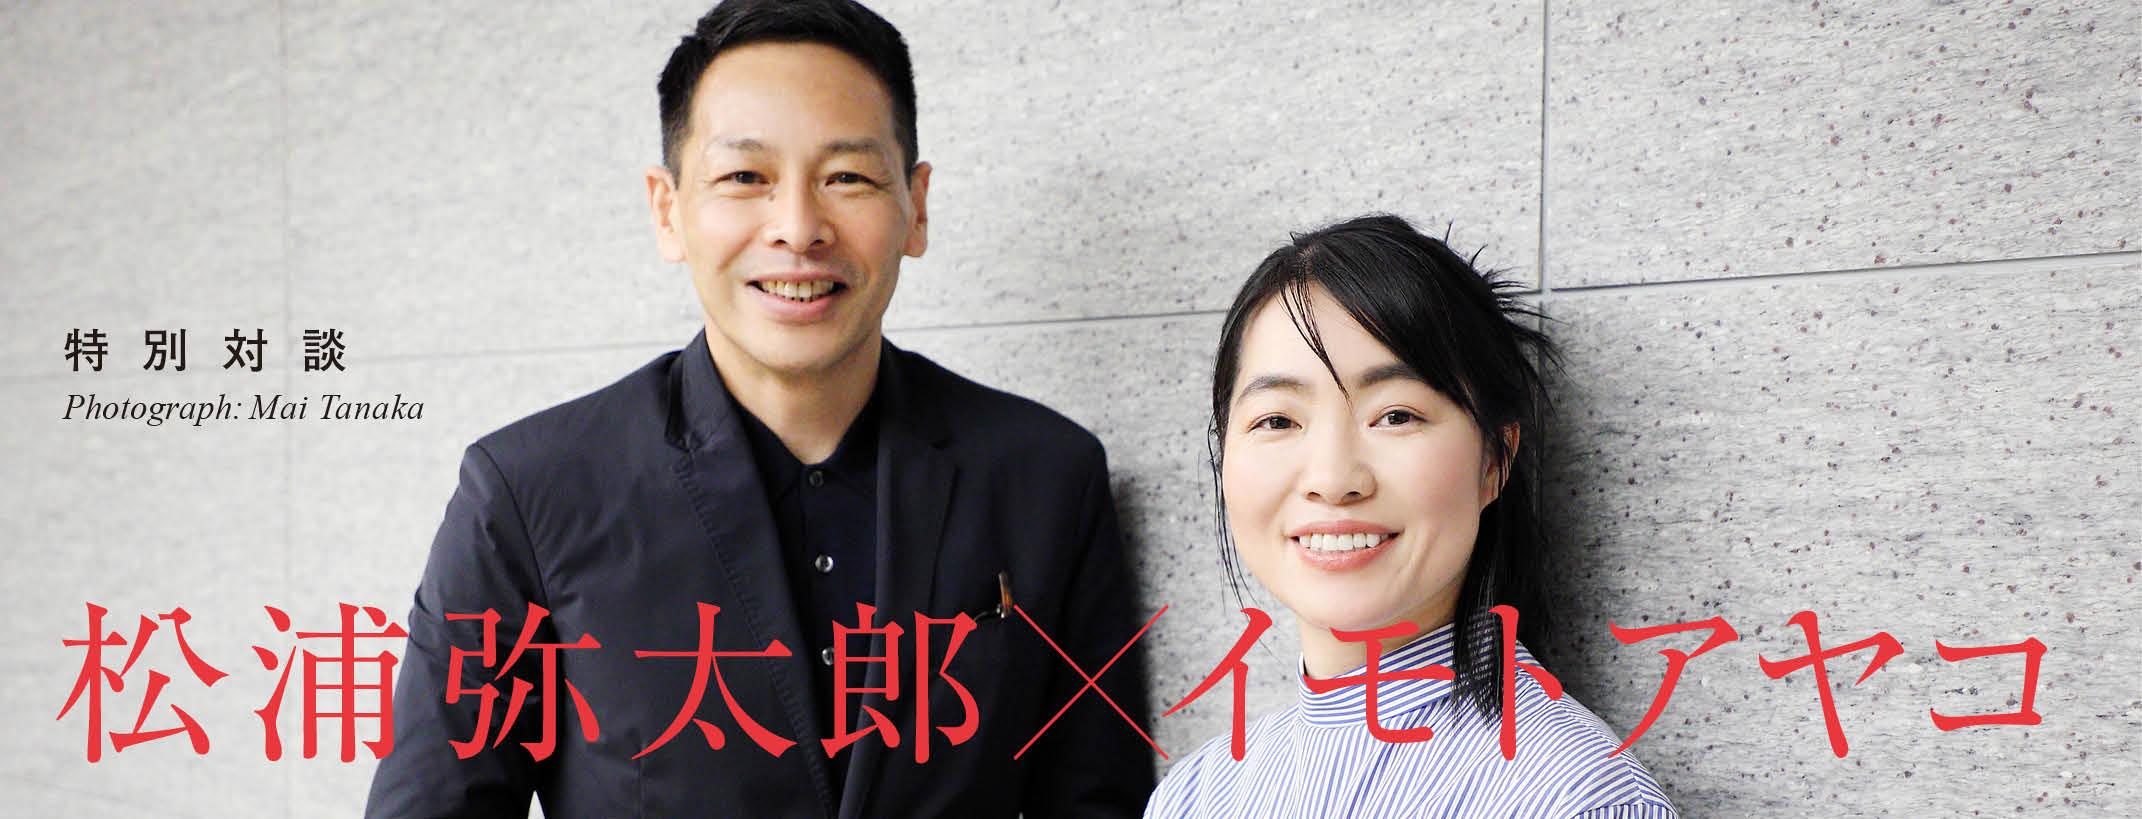 特別対談 松浦弥太郎×イモトアヤコ